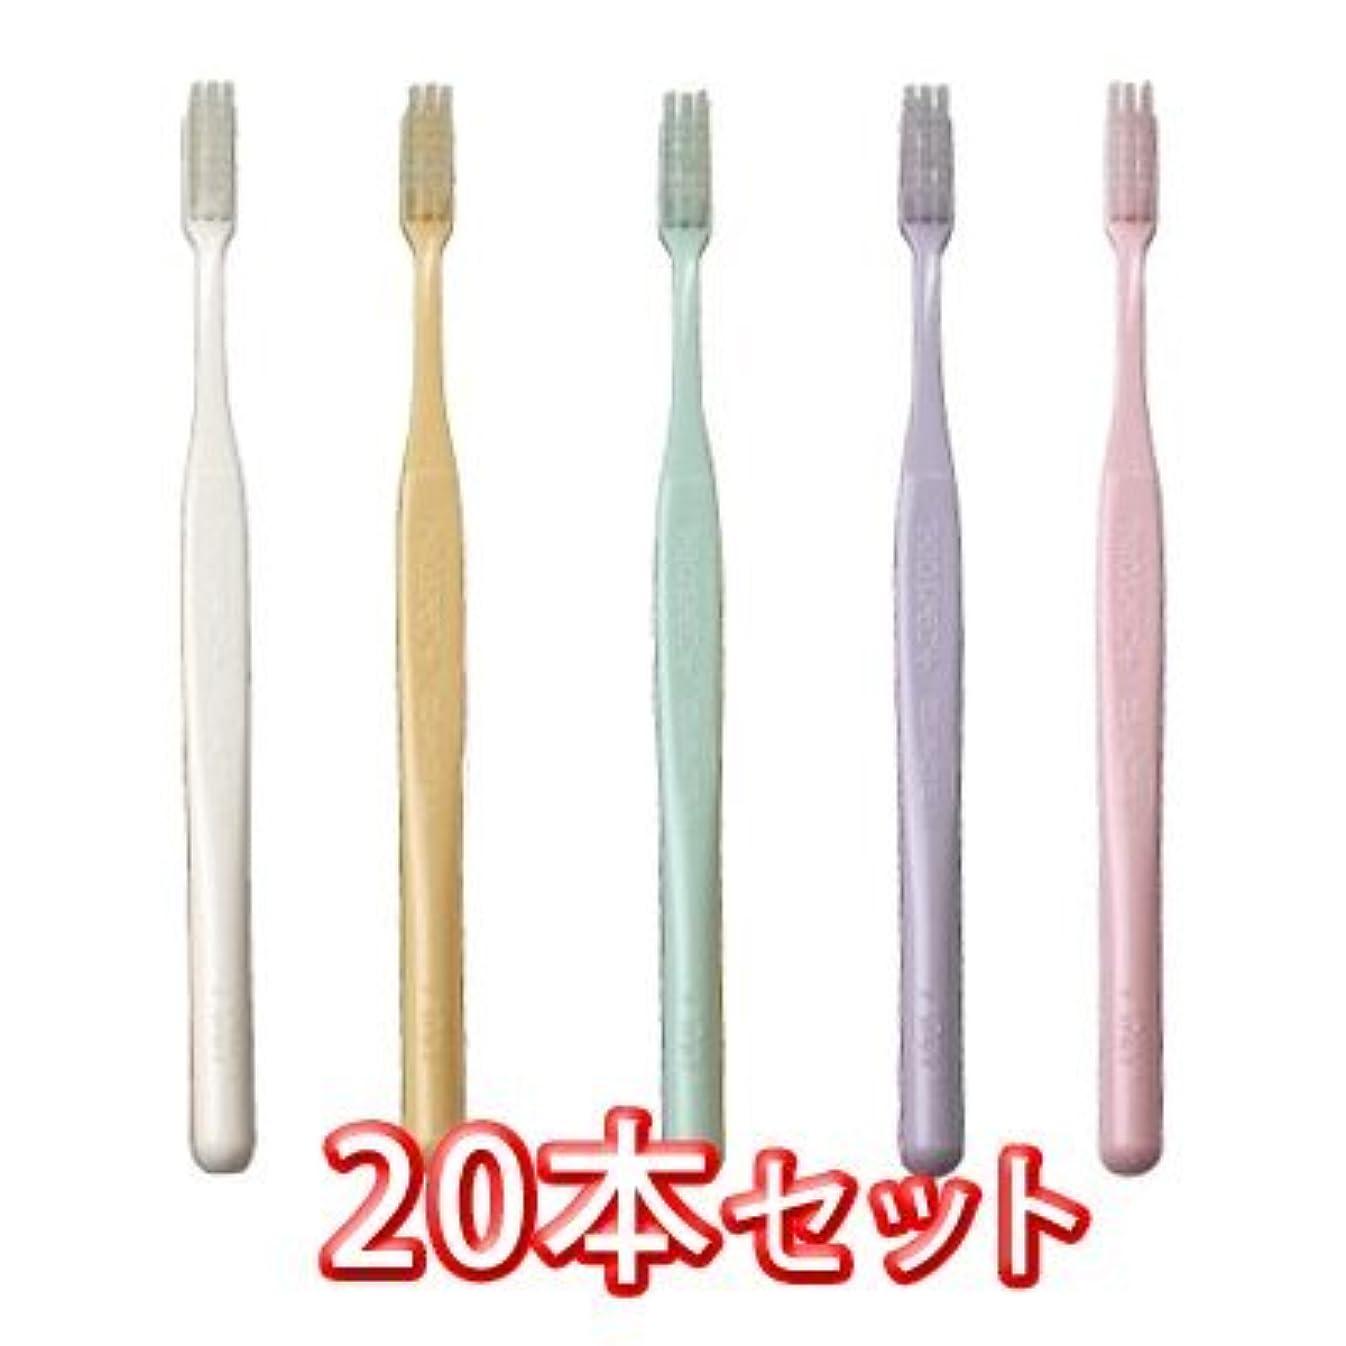 ライトニング摂氏貫通するプロスペック 歯ブラシ プラス コンパクトスリム 20本入 ふつう色 M ふつう